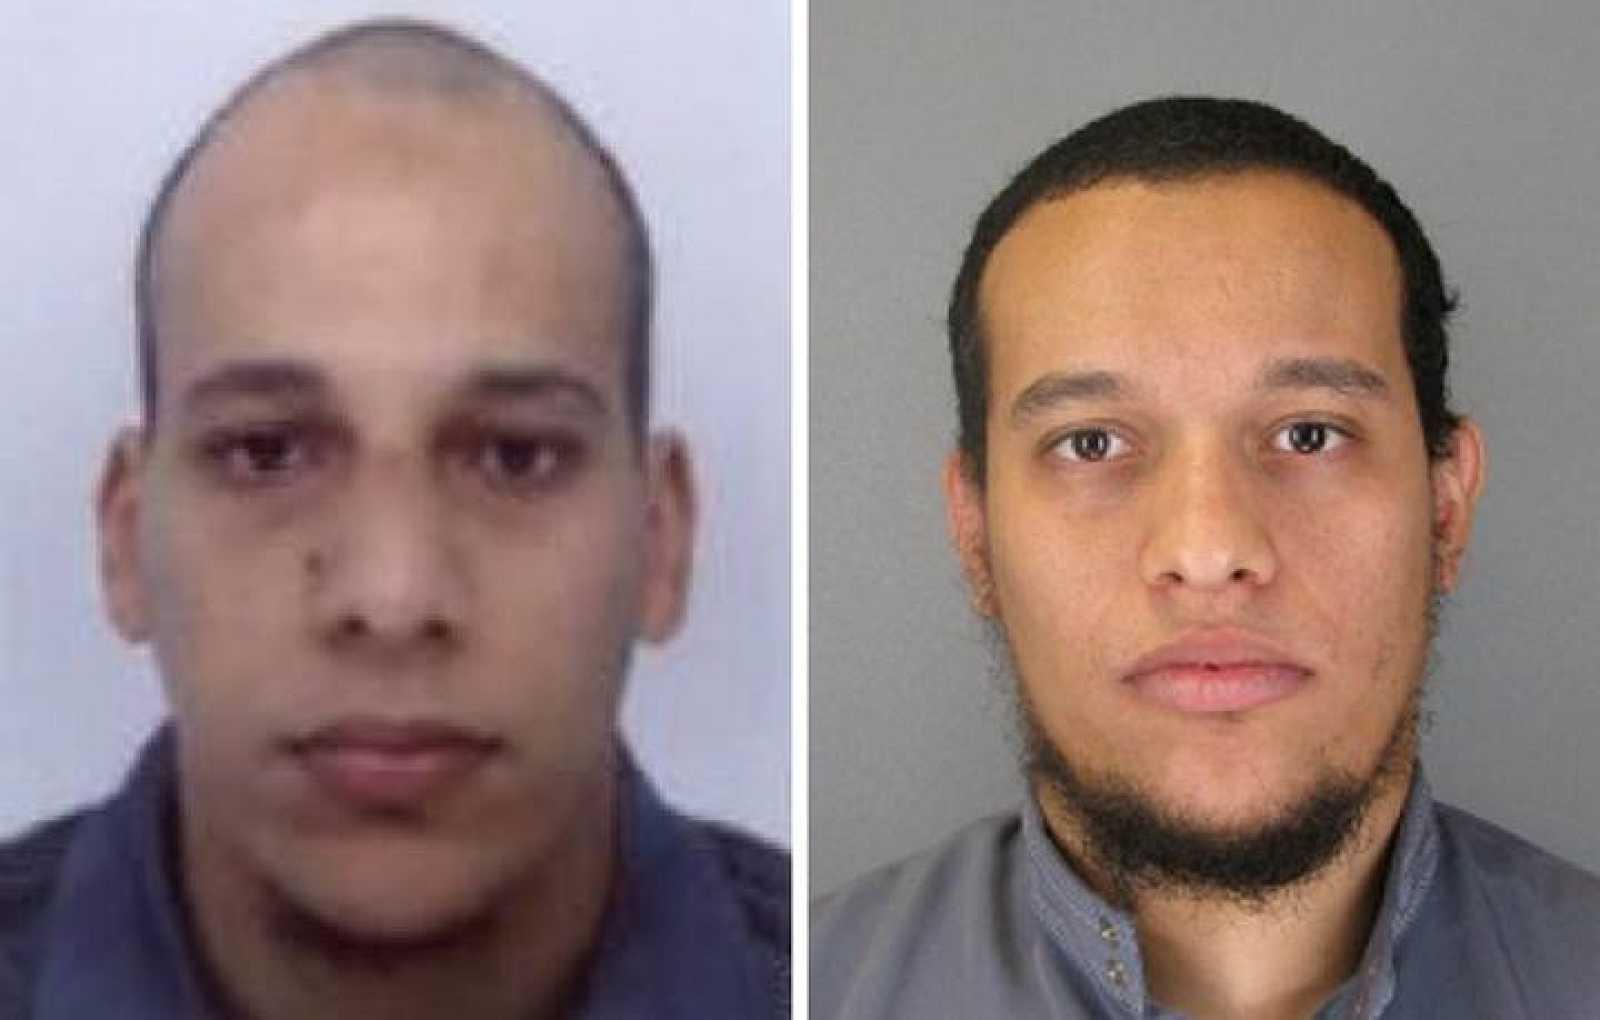 De izquierda a derecha, Chérif Kouachi, de 32 años, y su hermano Said, de 34, sospechosos del atentado en París.